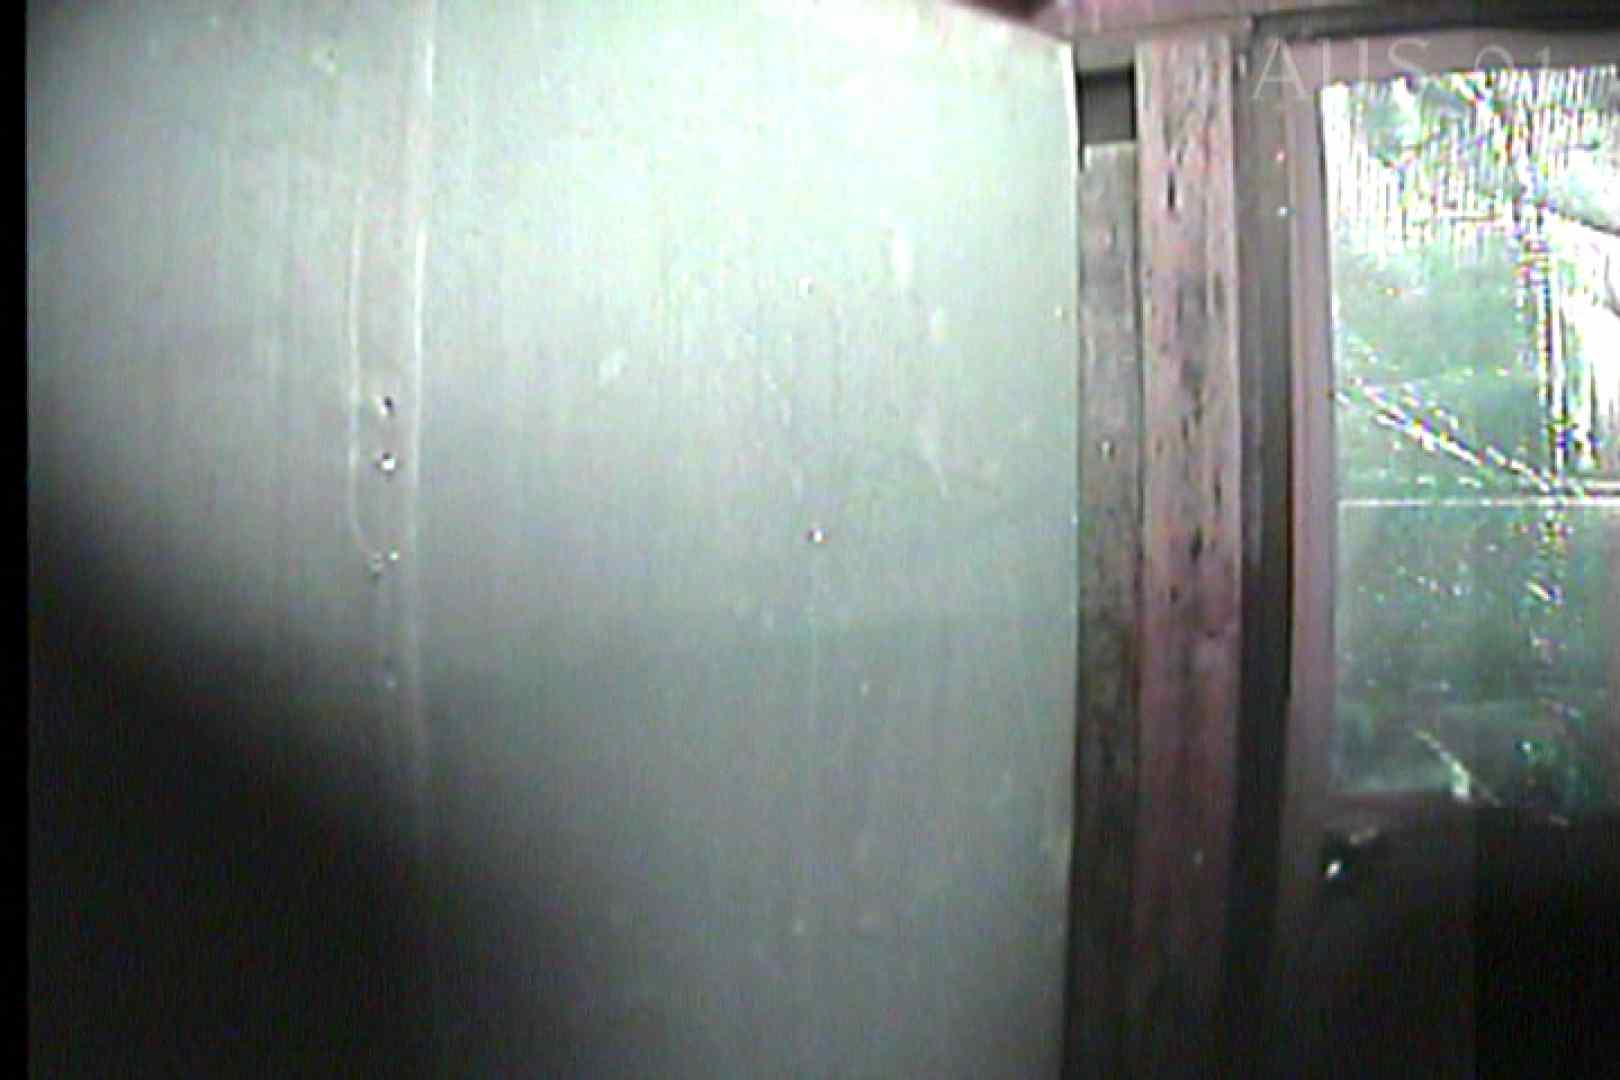 海の家の更衣室 Vol.05 シャワー 覗きおまんこ画像 84pic 53